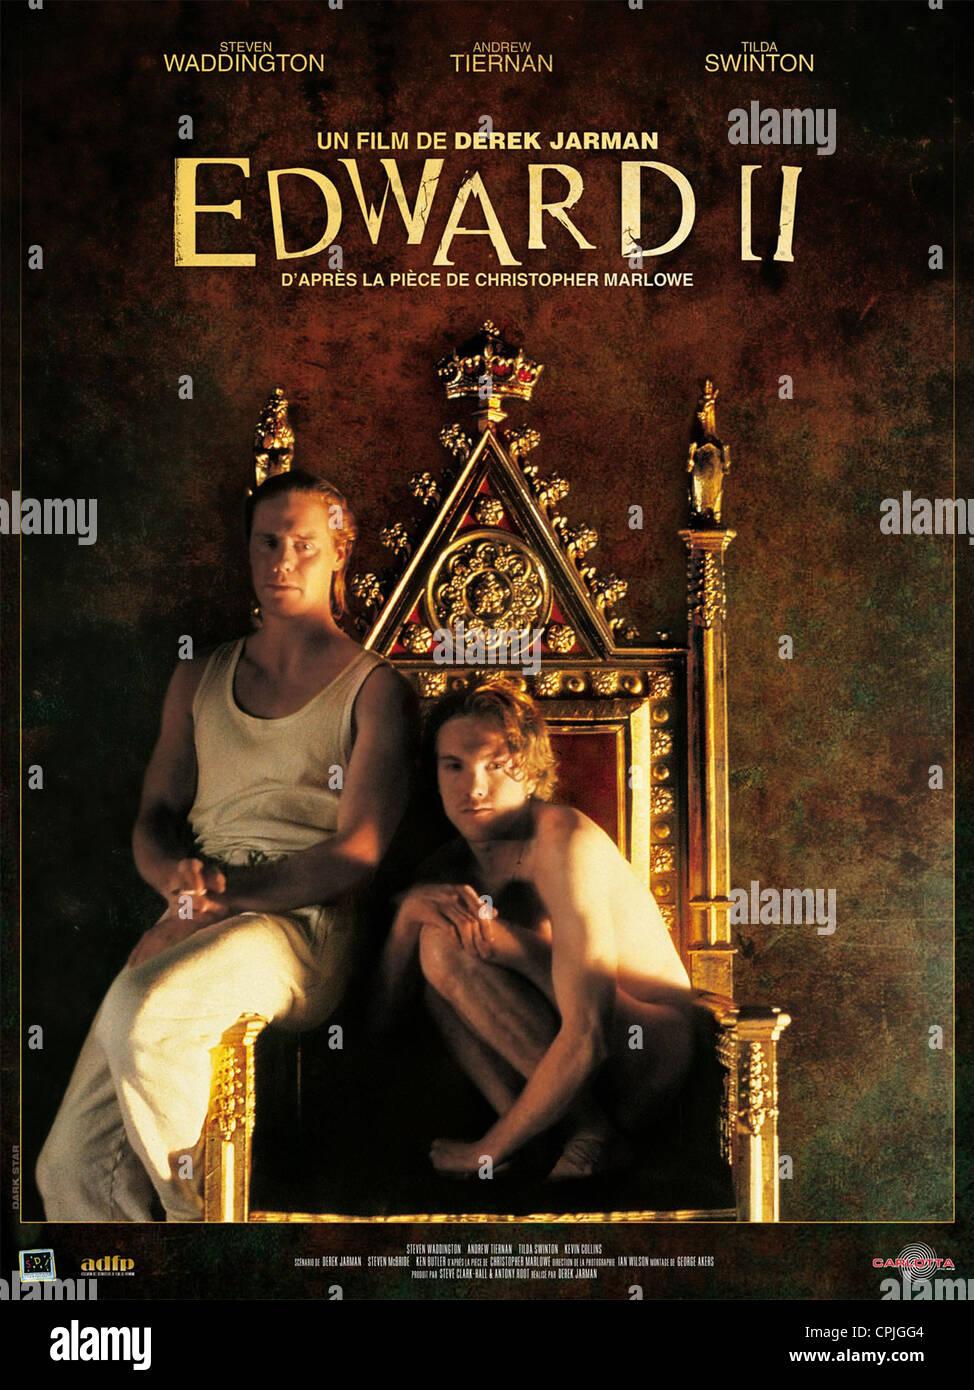 Edward II - Stock Image